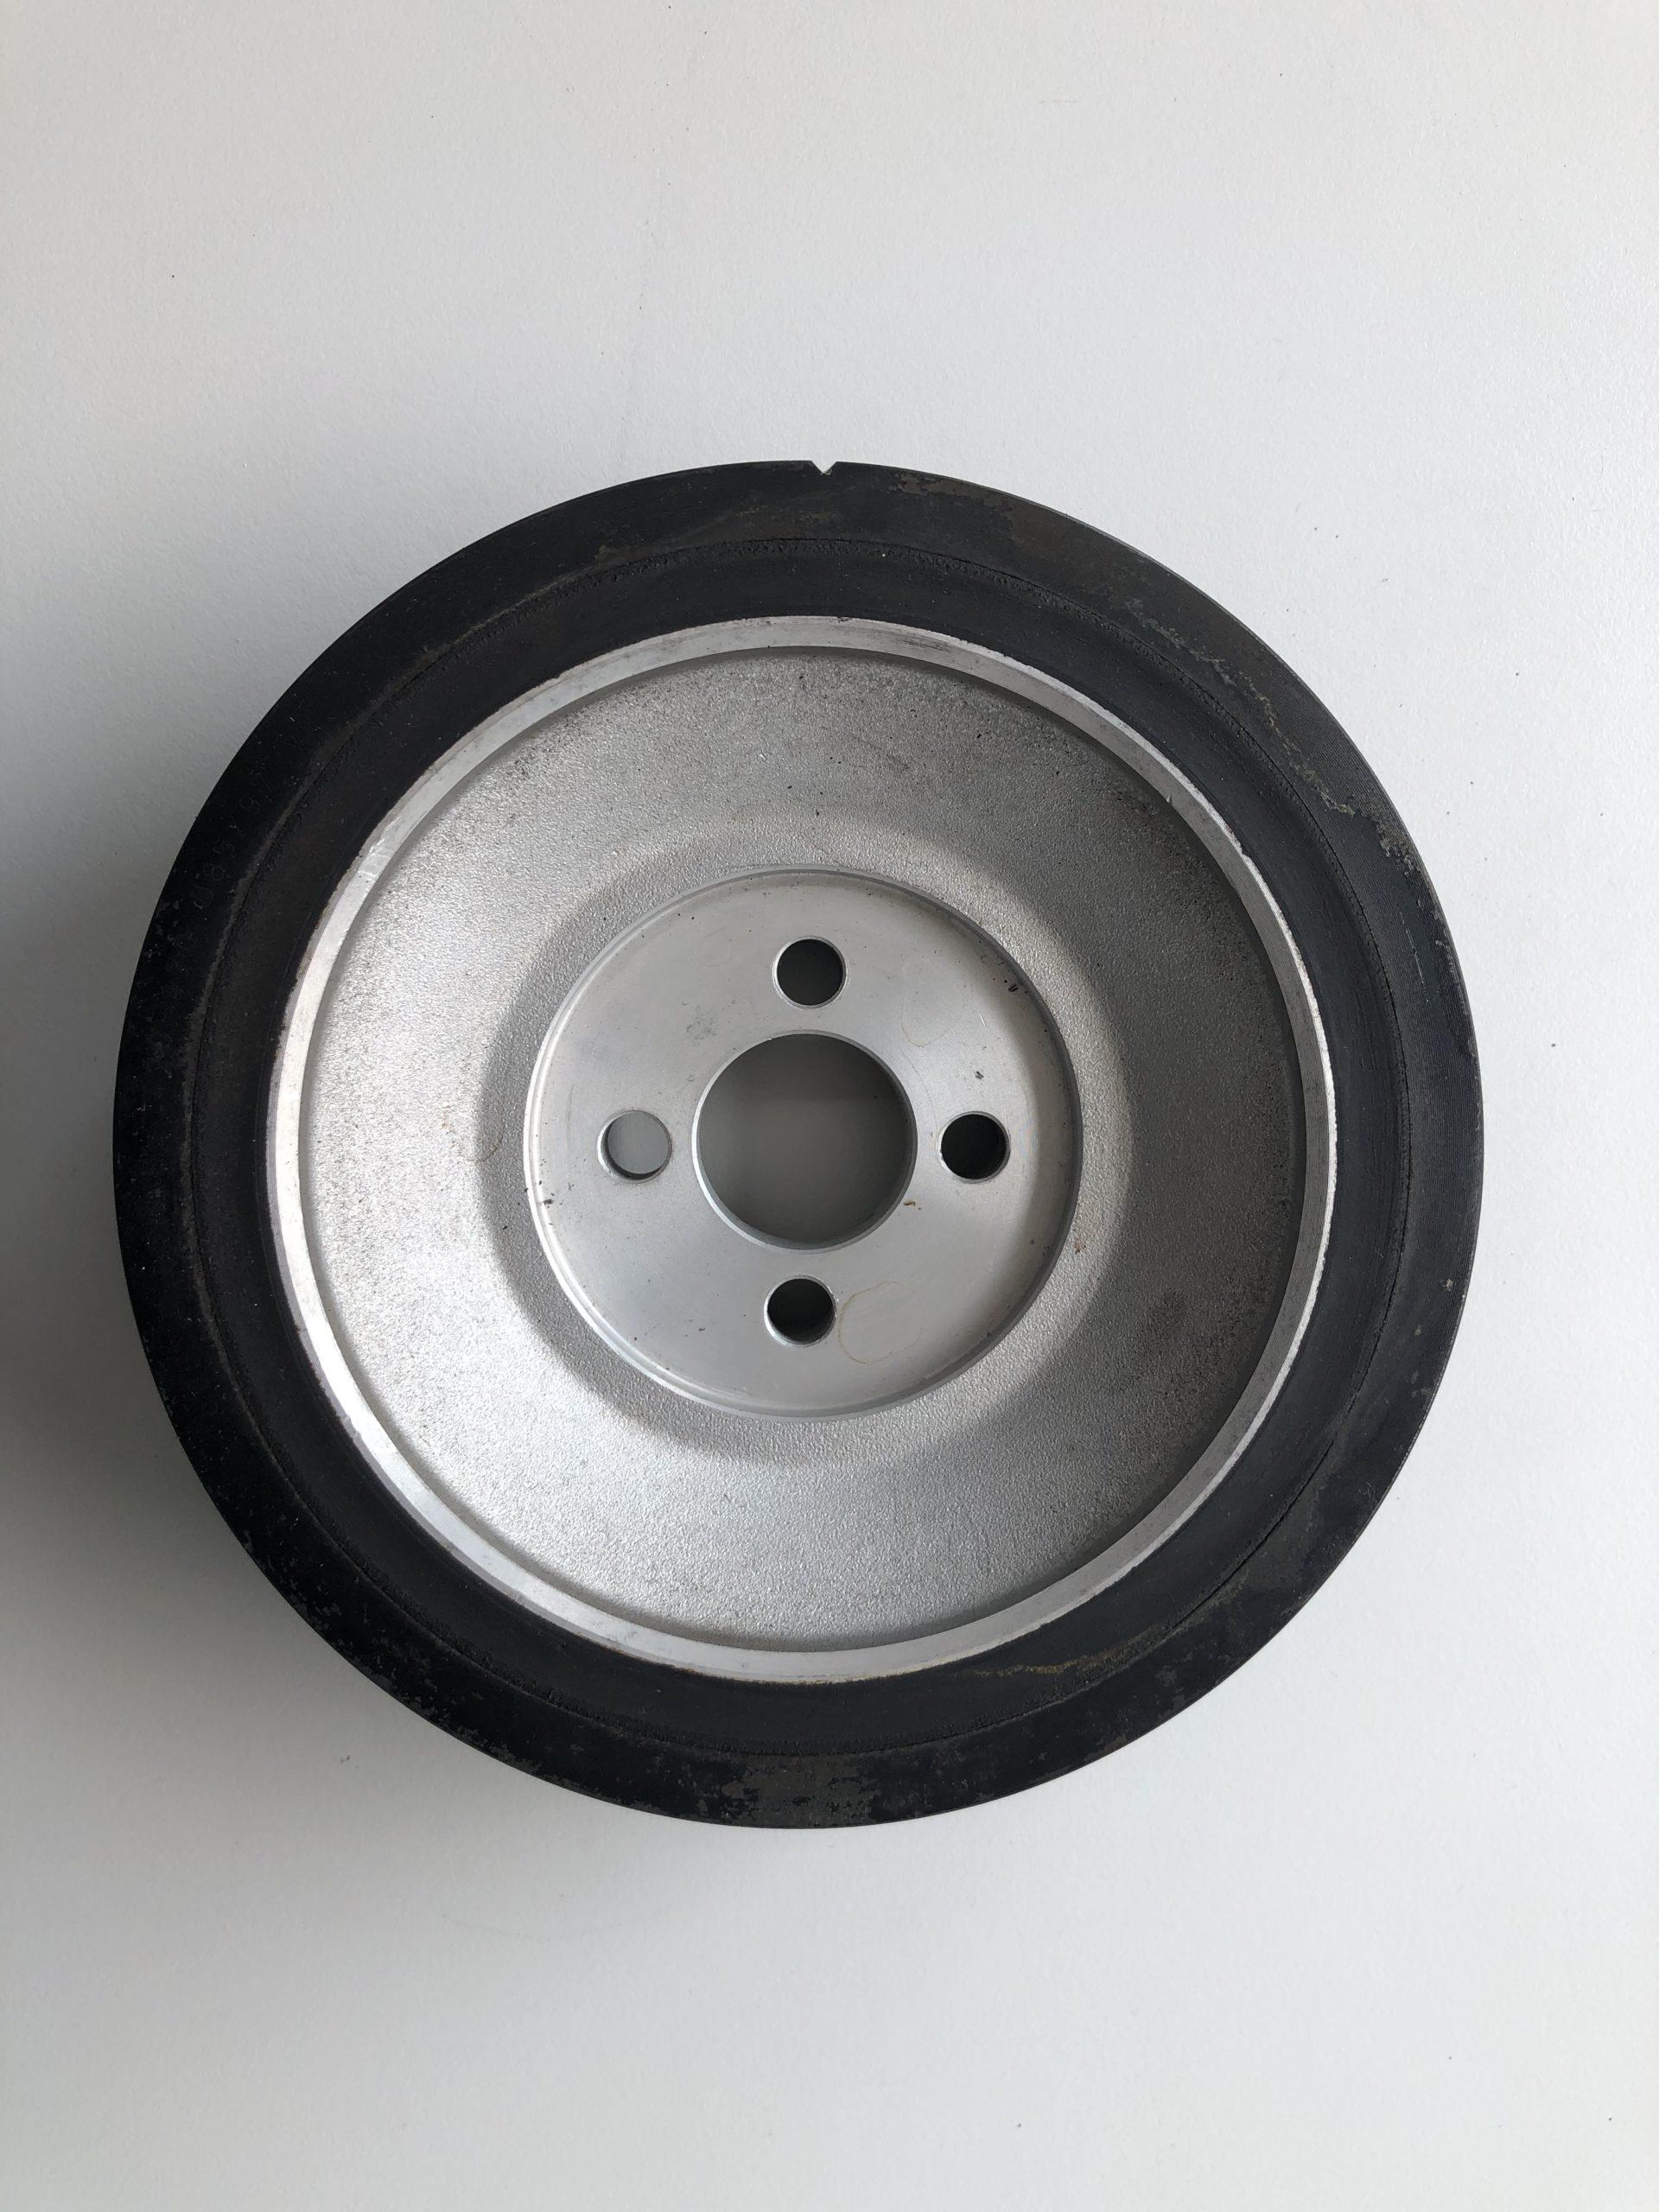 Kurbelwellen Riemenscheibe Lancia Kappa Turbo Originalteil gebraucht, gereinigt und verpackt. Aus werksneuen Motoren ausgebaut.